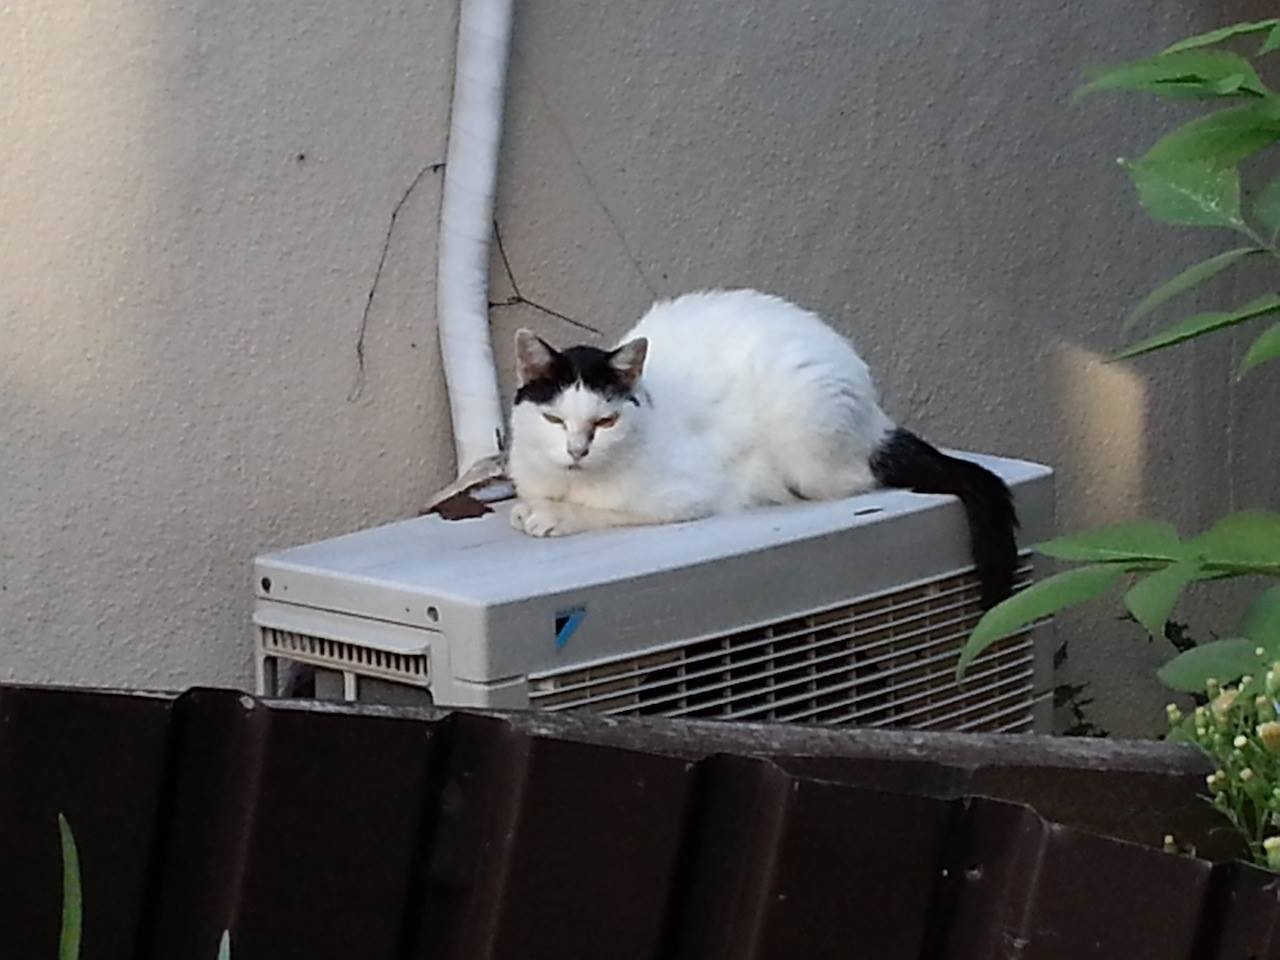 今日も暑くなりそうだにゃあ~。 【2014年8月19日】